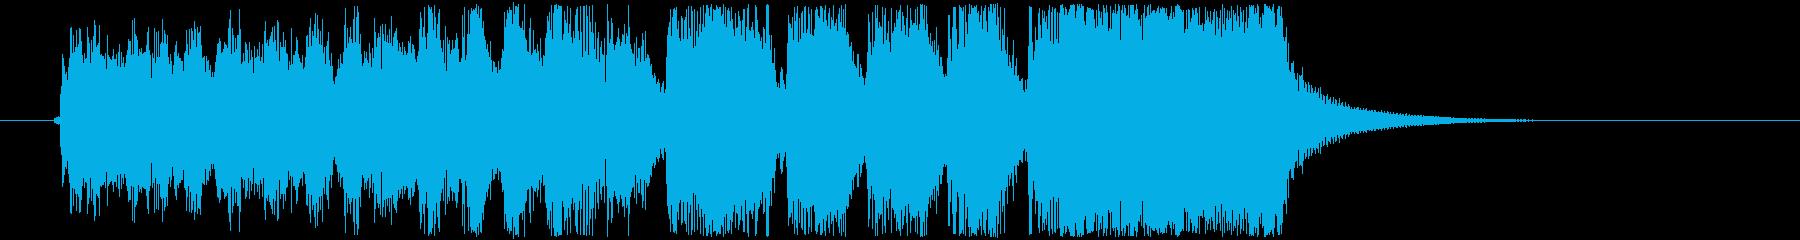 某SF映画風の壮大なファンファーレの再生済みの波形